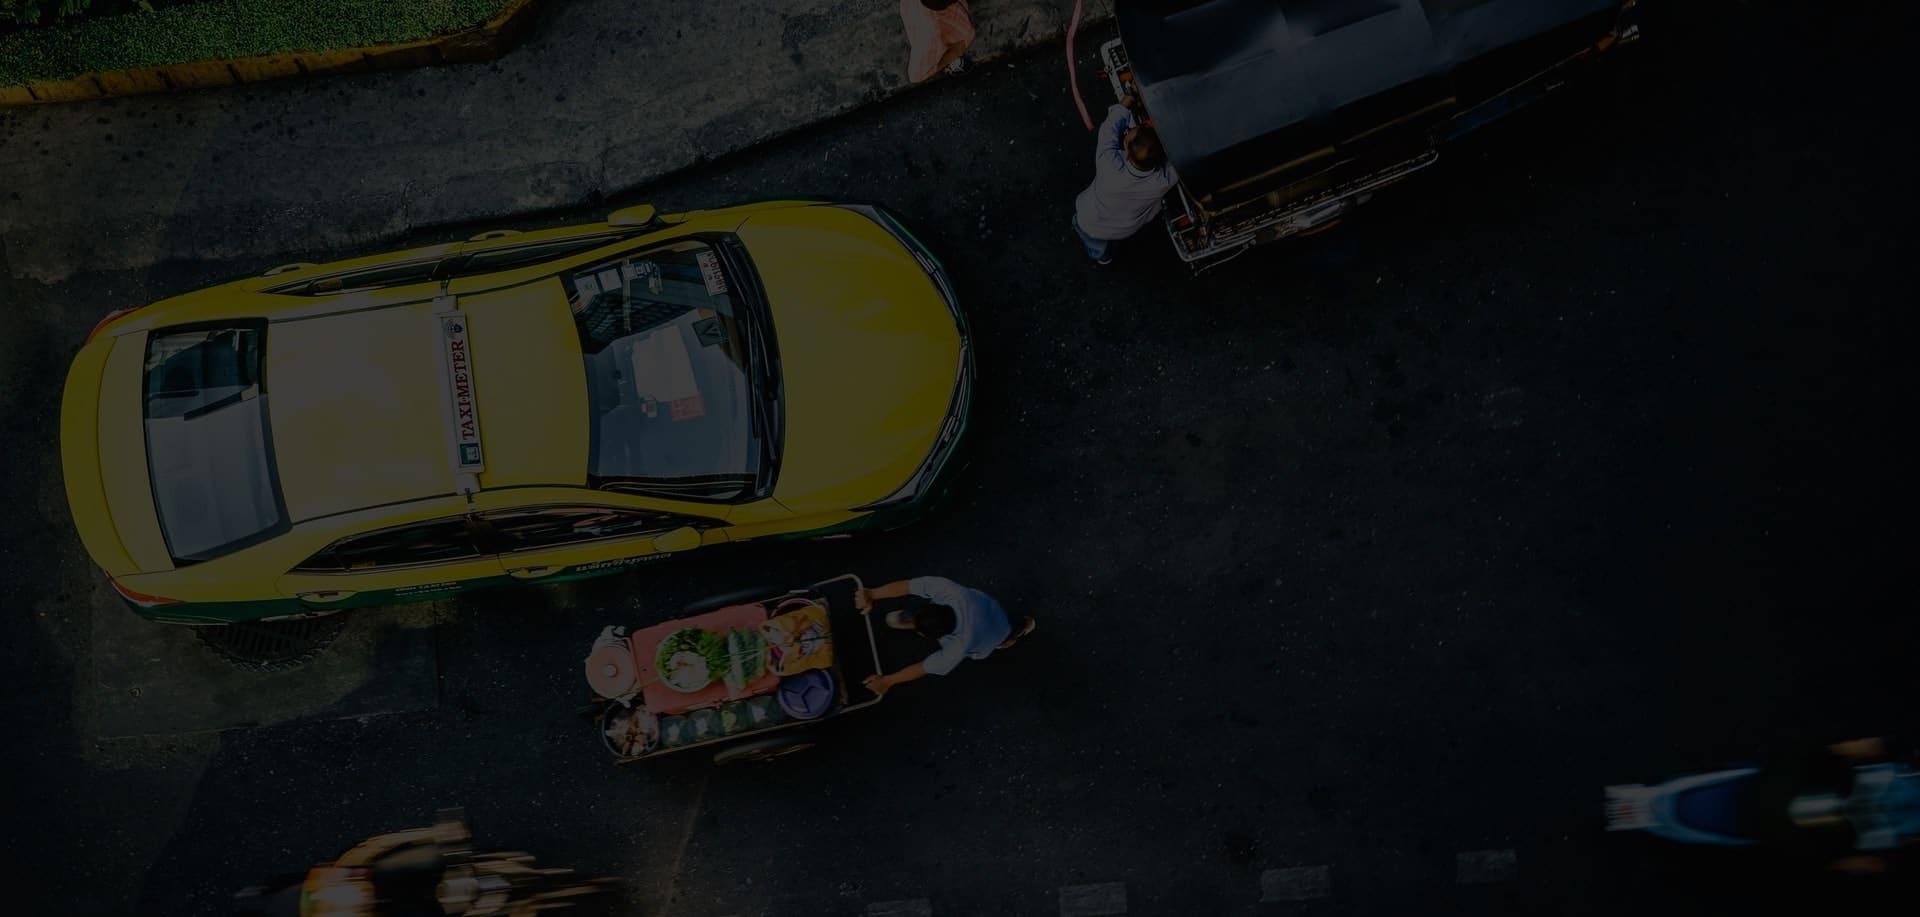 """แจกฟรี !! ไฟล์ Vector """"แผนที่ประเทศไทย"""" แบบสวยๆ เอาไปใช้กันได้แล้ว !"""